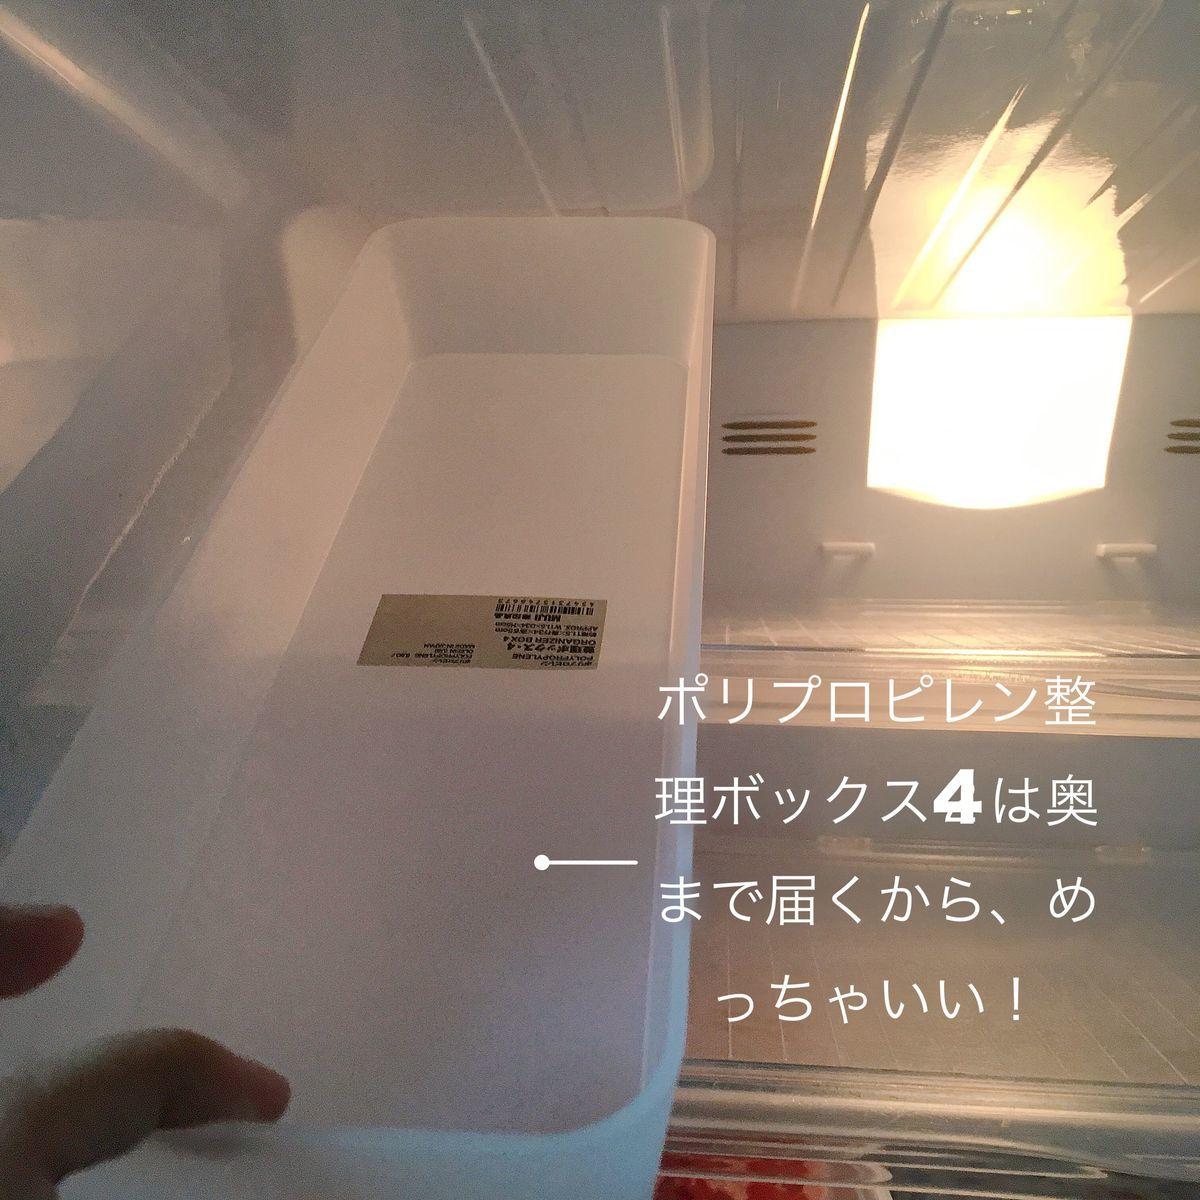 無印良品のポリプロピレン整理ボックス4は冷蔵庫の奥まで届く!